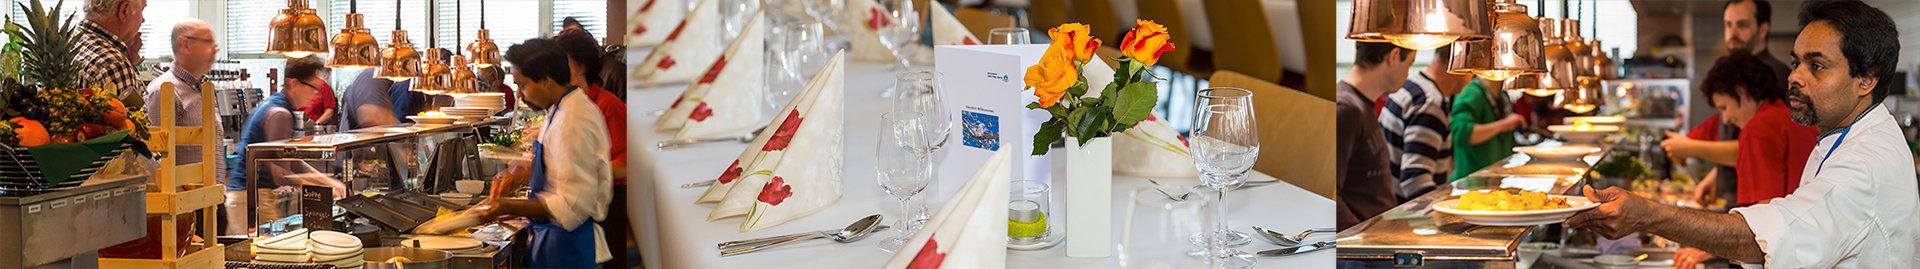 restaurant-kantine-luzern-2